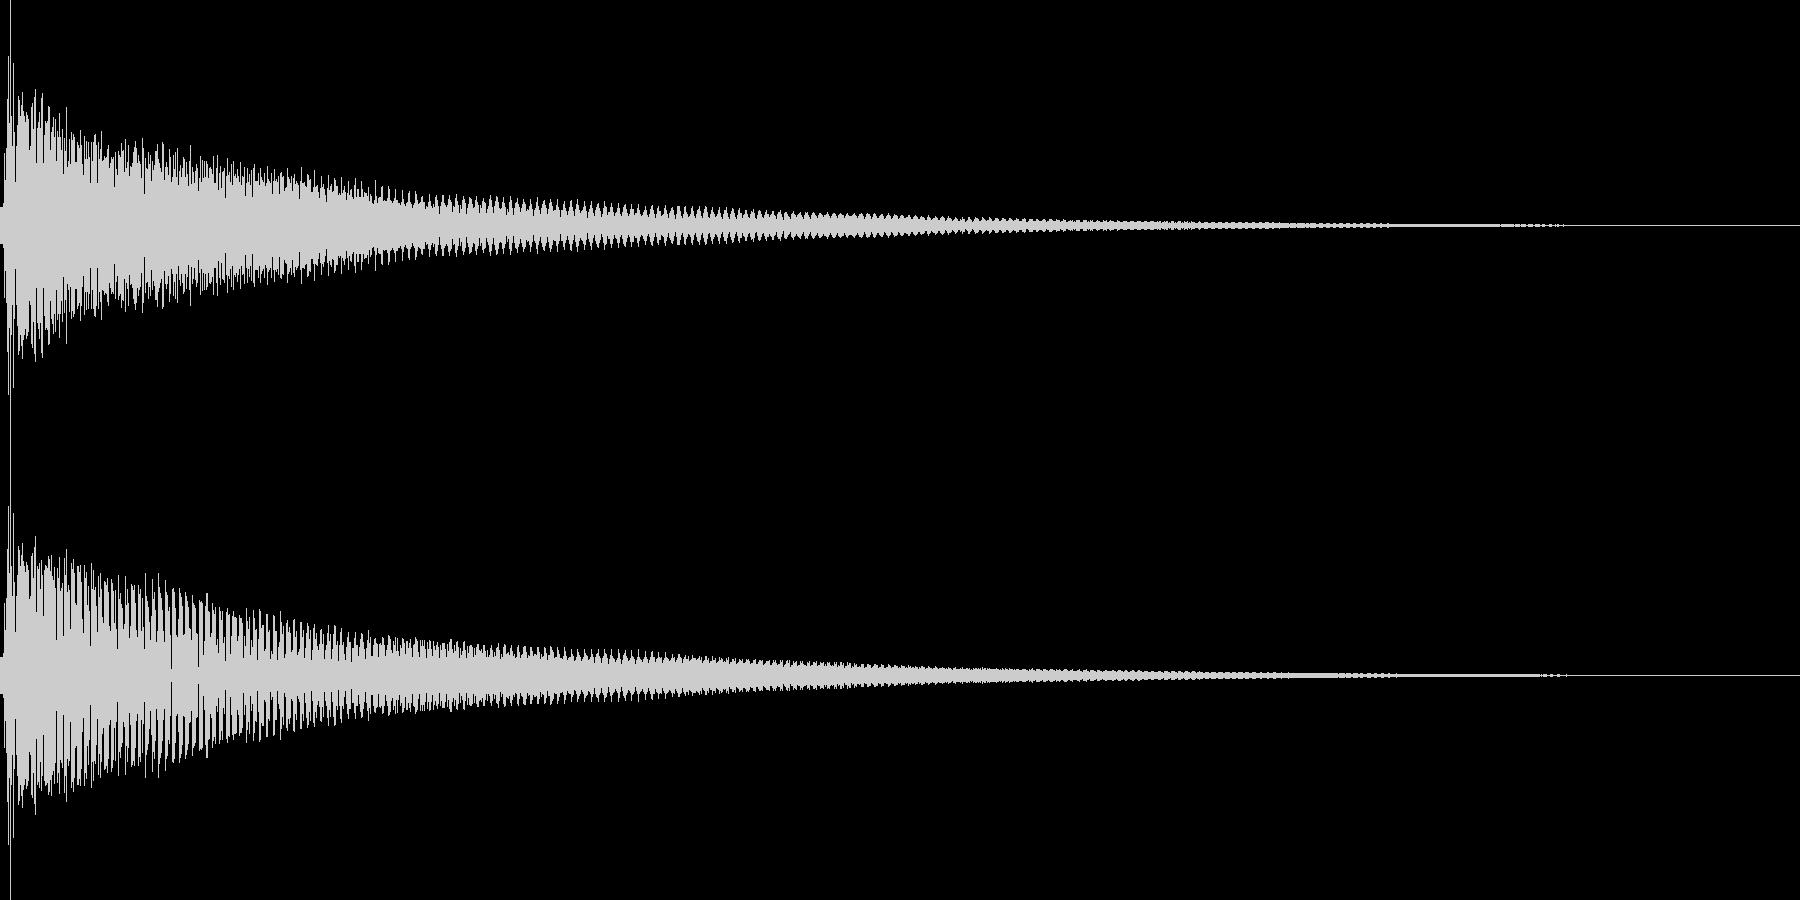 ポーン(注目 決定 カーソル移動)の未再生の波形